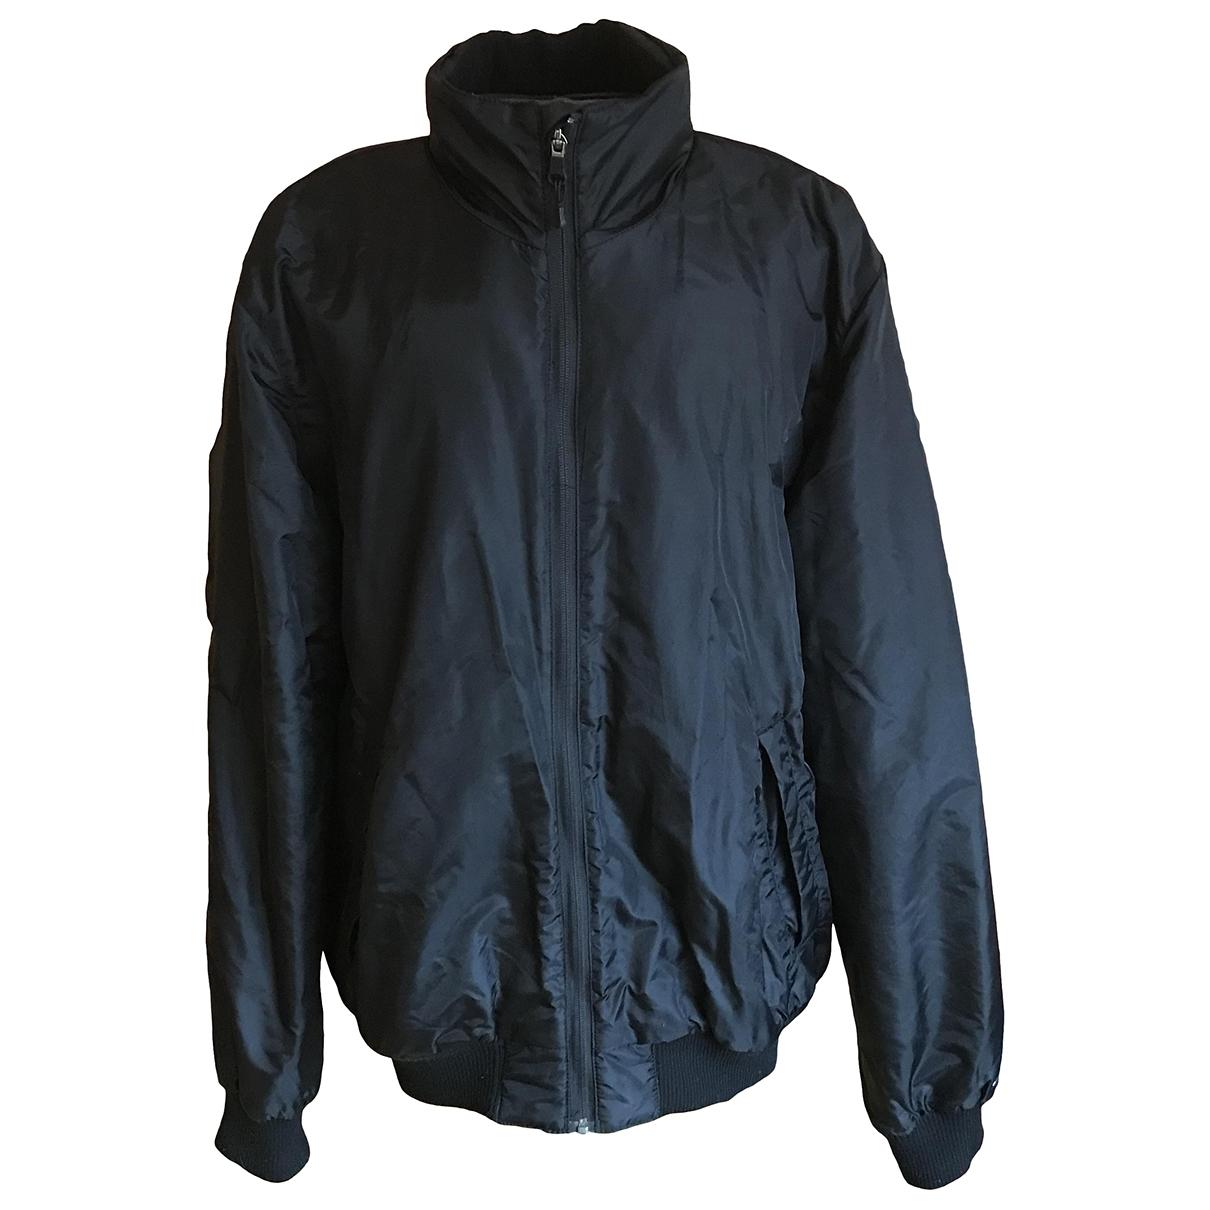 Tommy Hilfiger \N Black jacket  for Men XL International